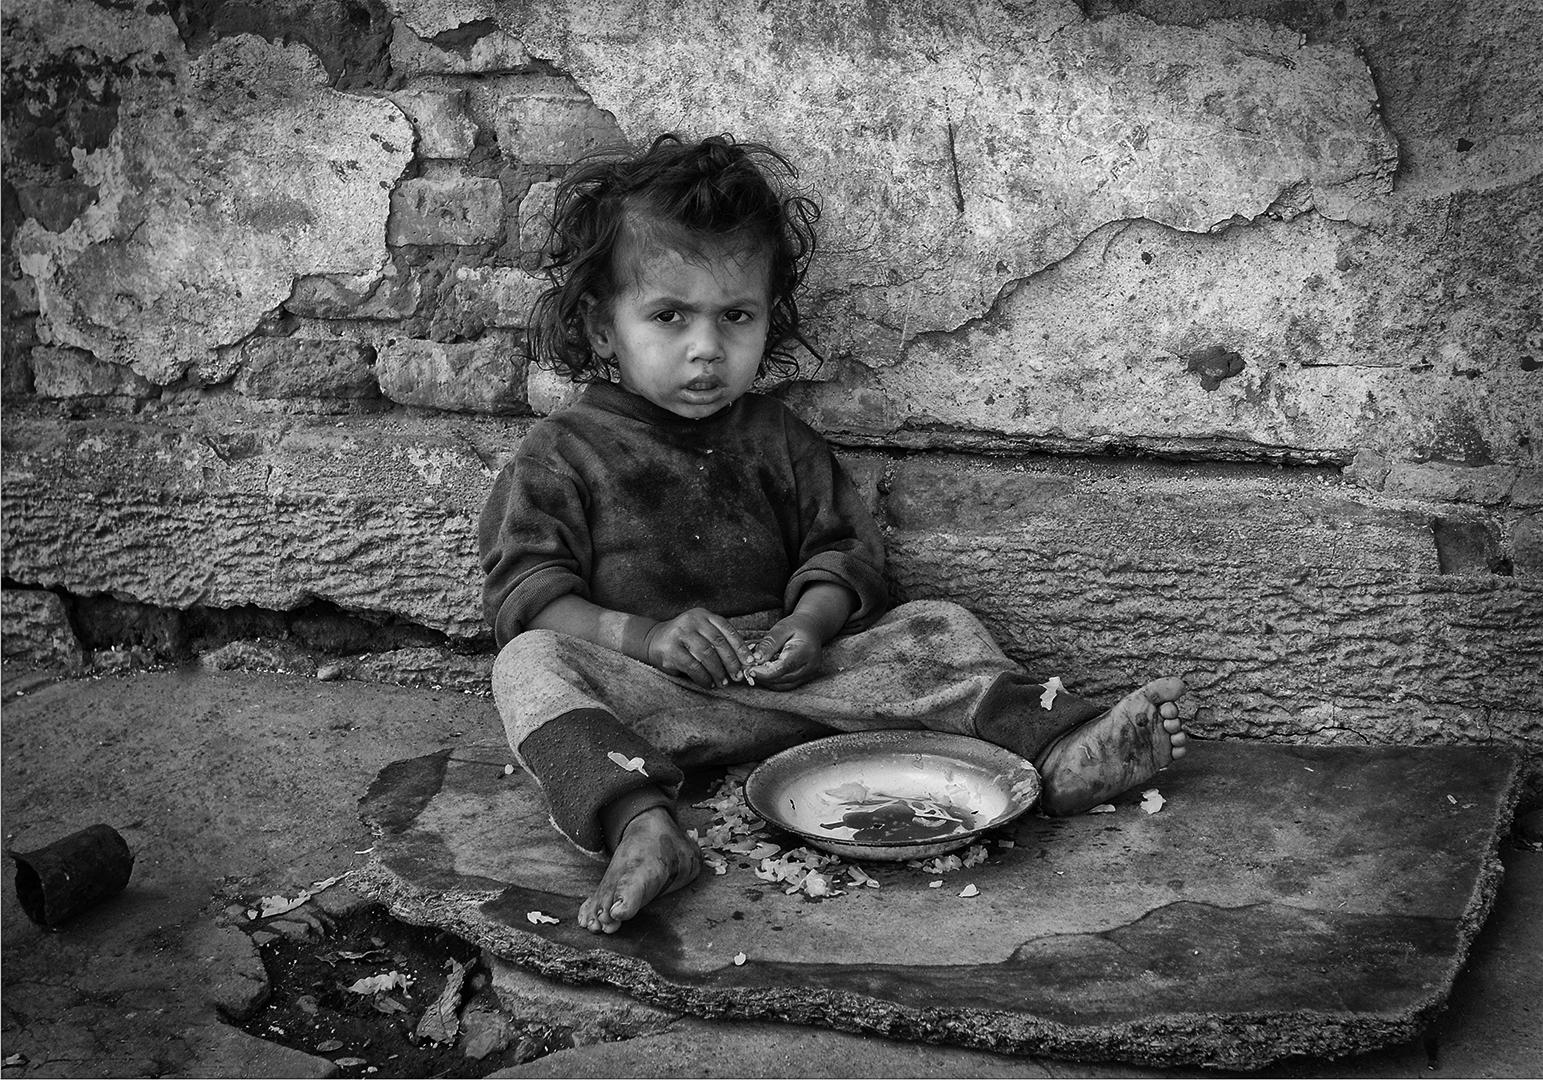 Roma child, Søren Skov